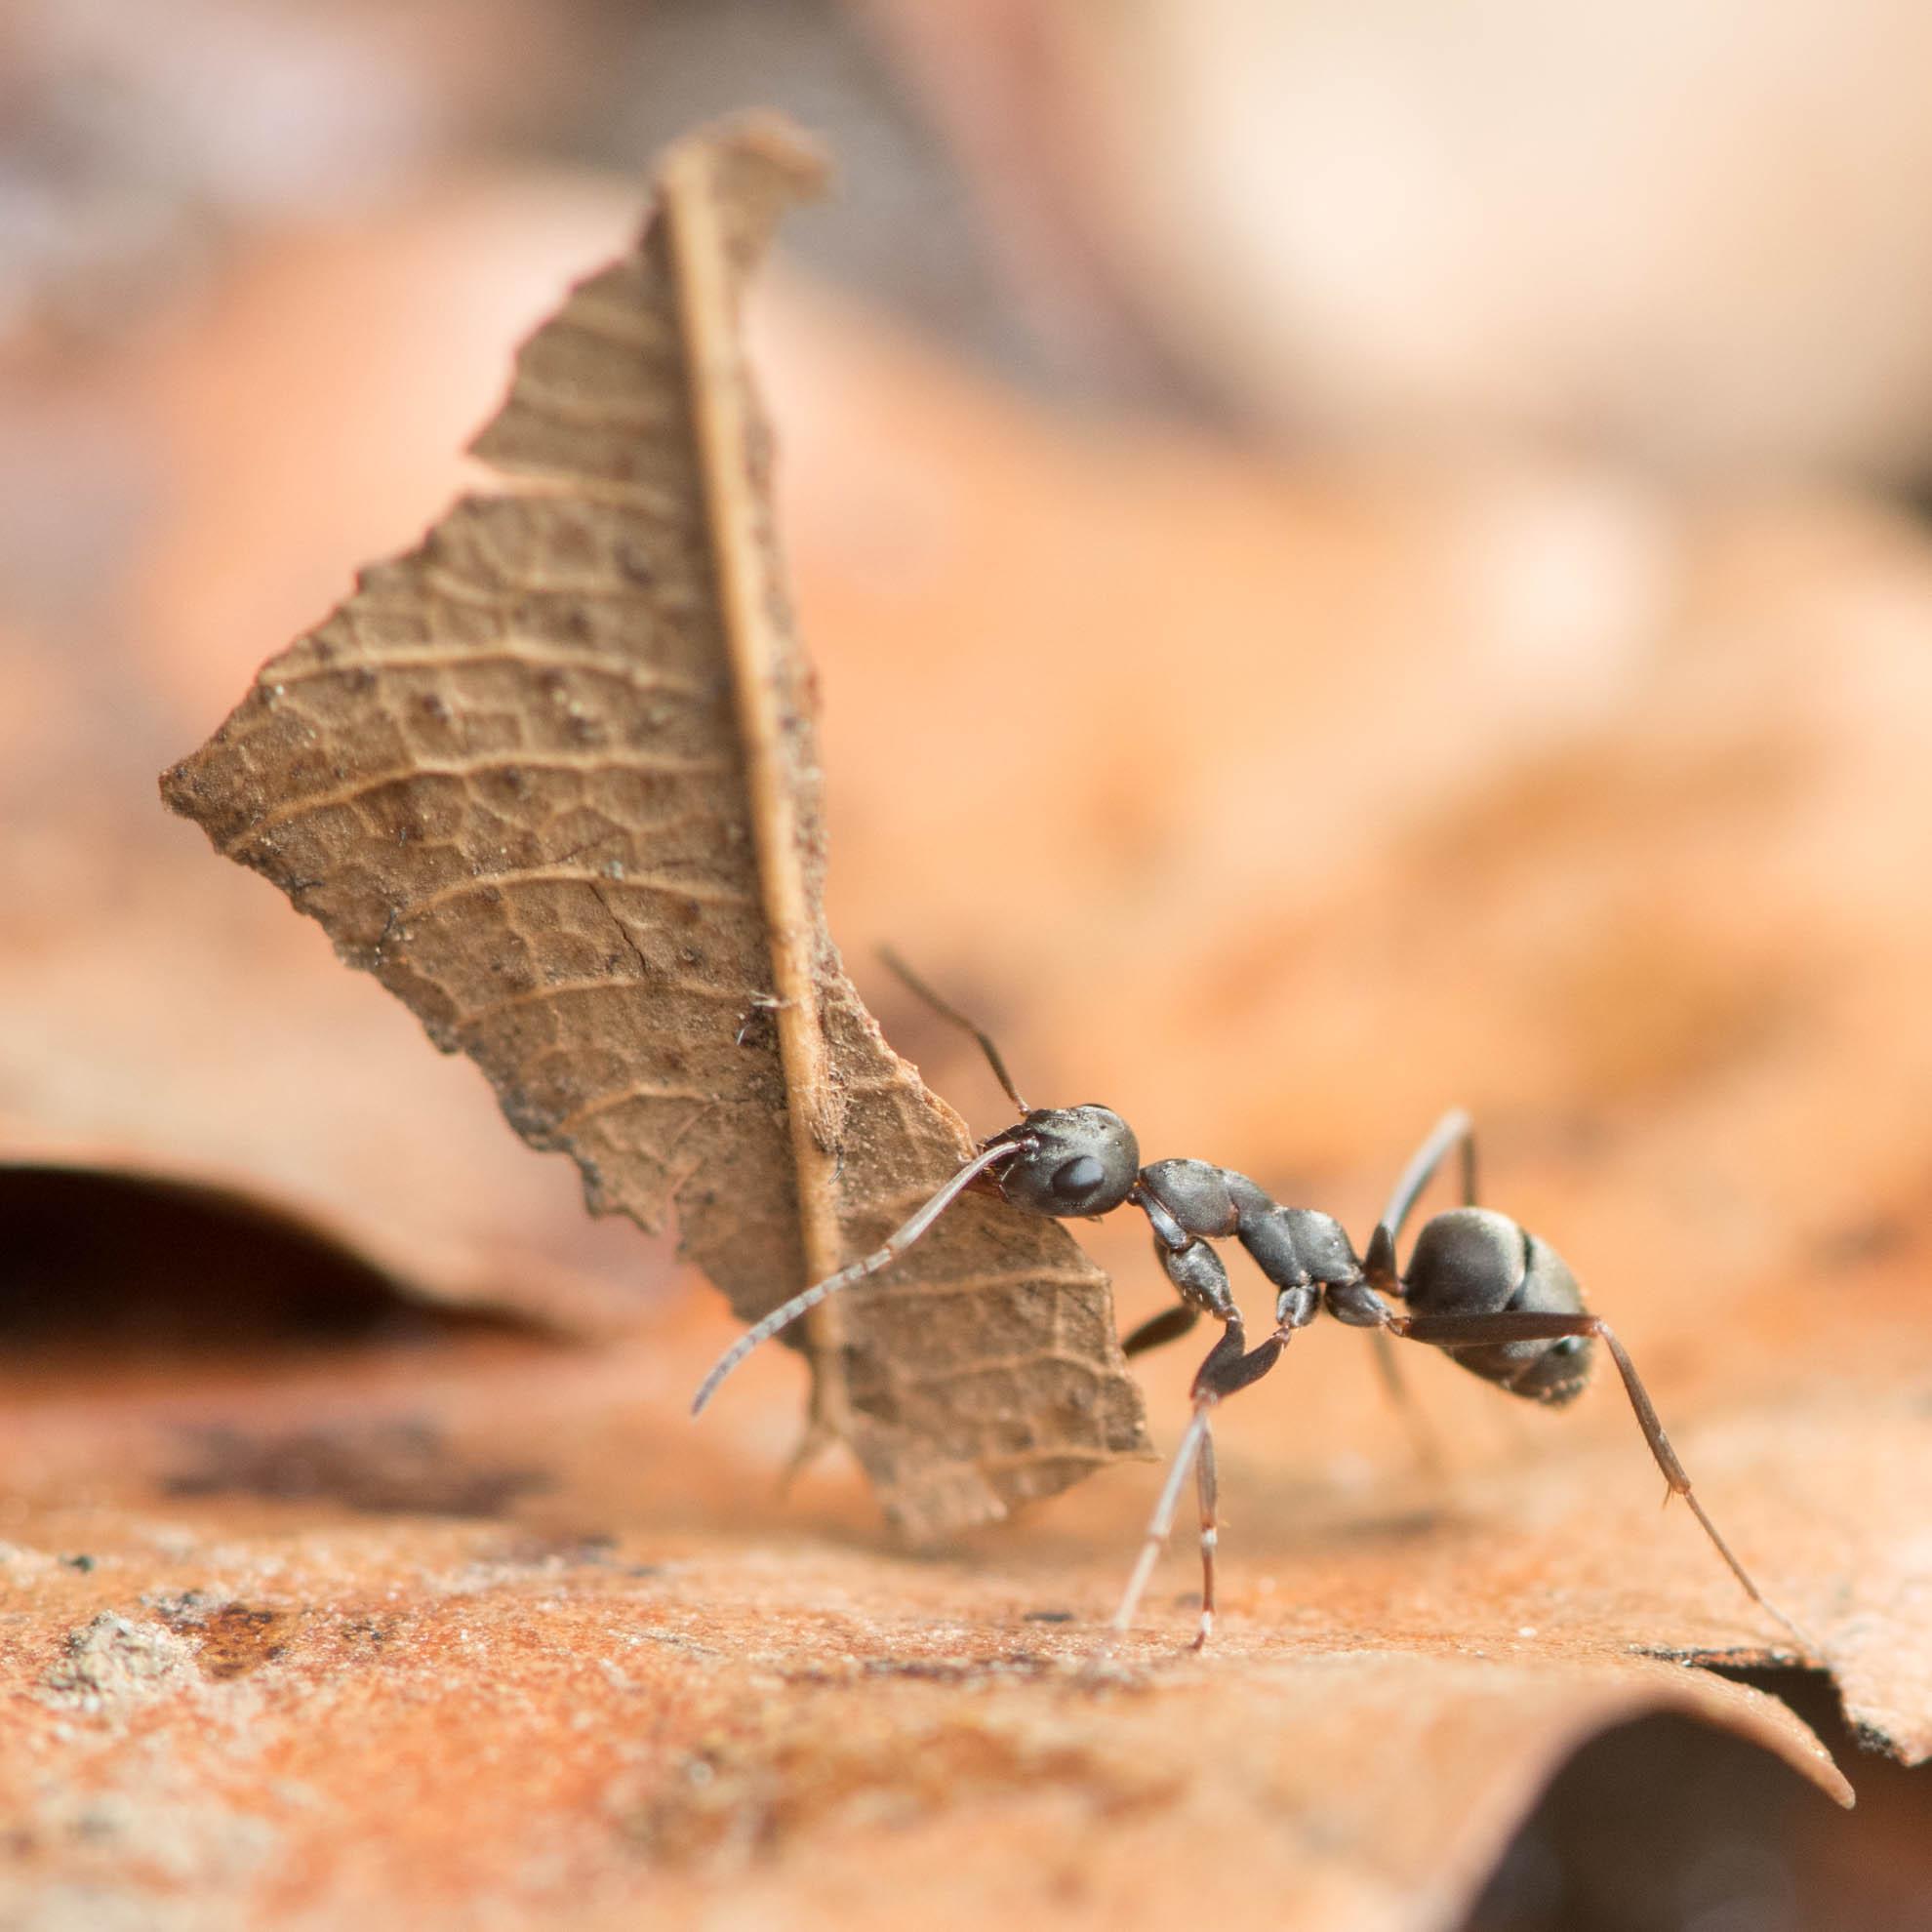 蟻が枯れ葉を運ぶ姿